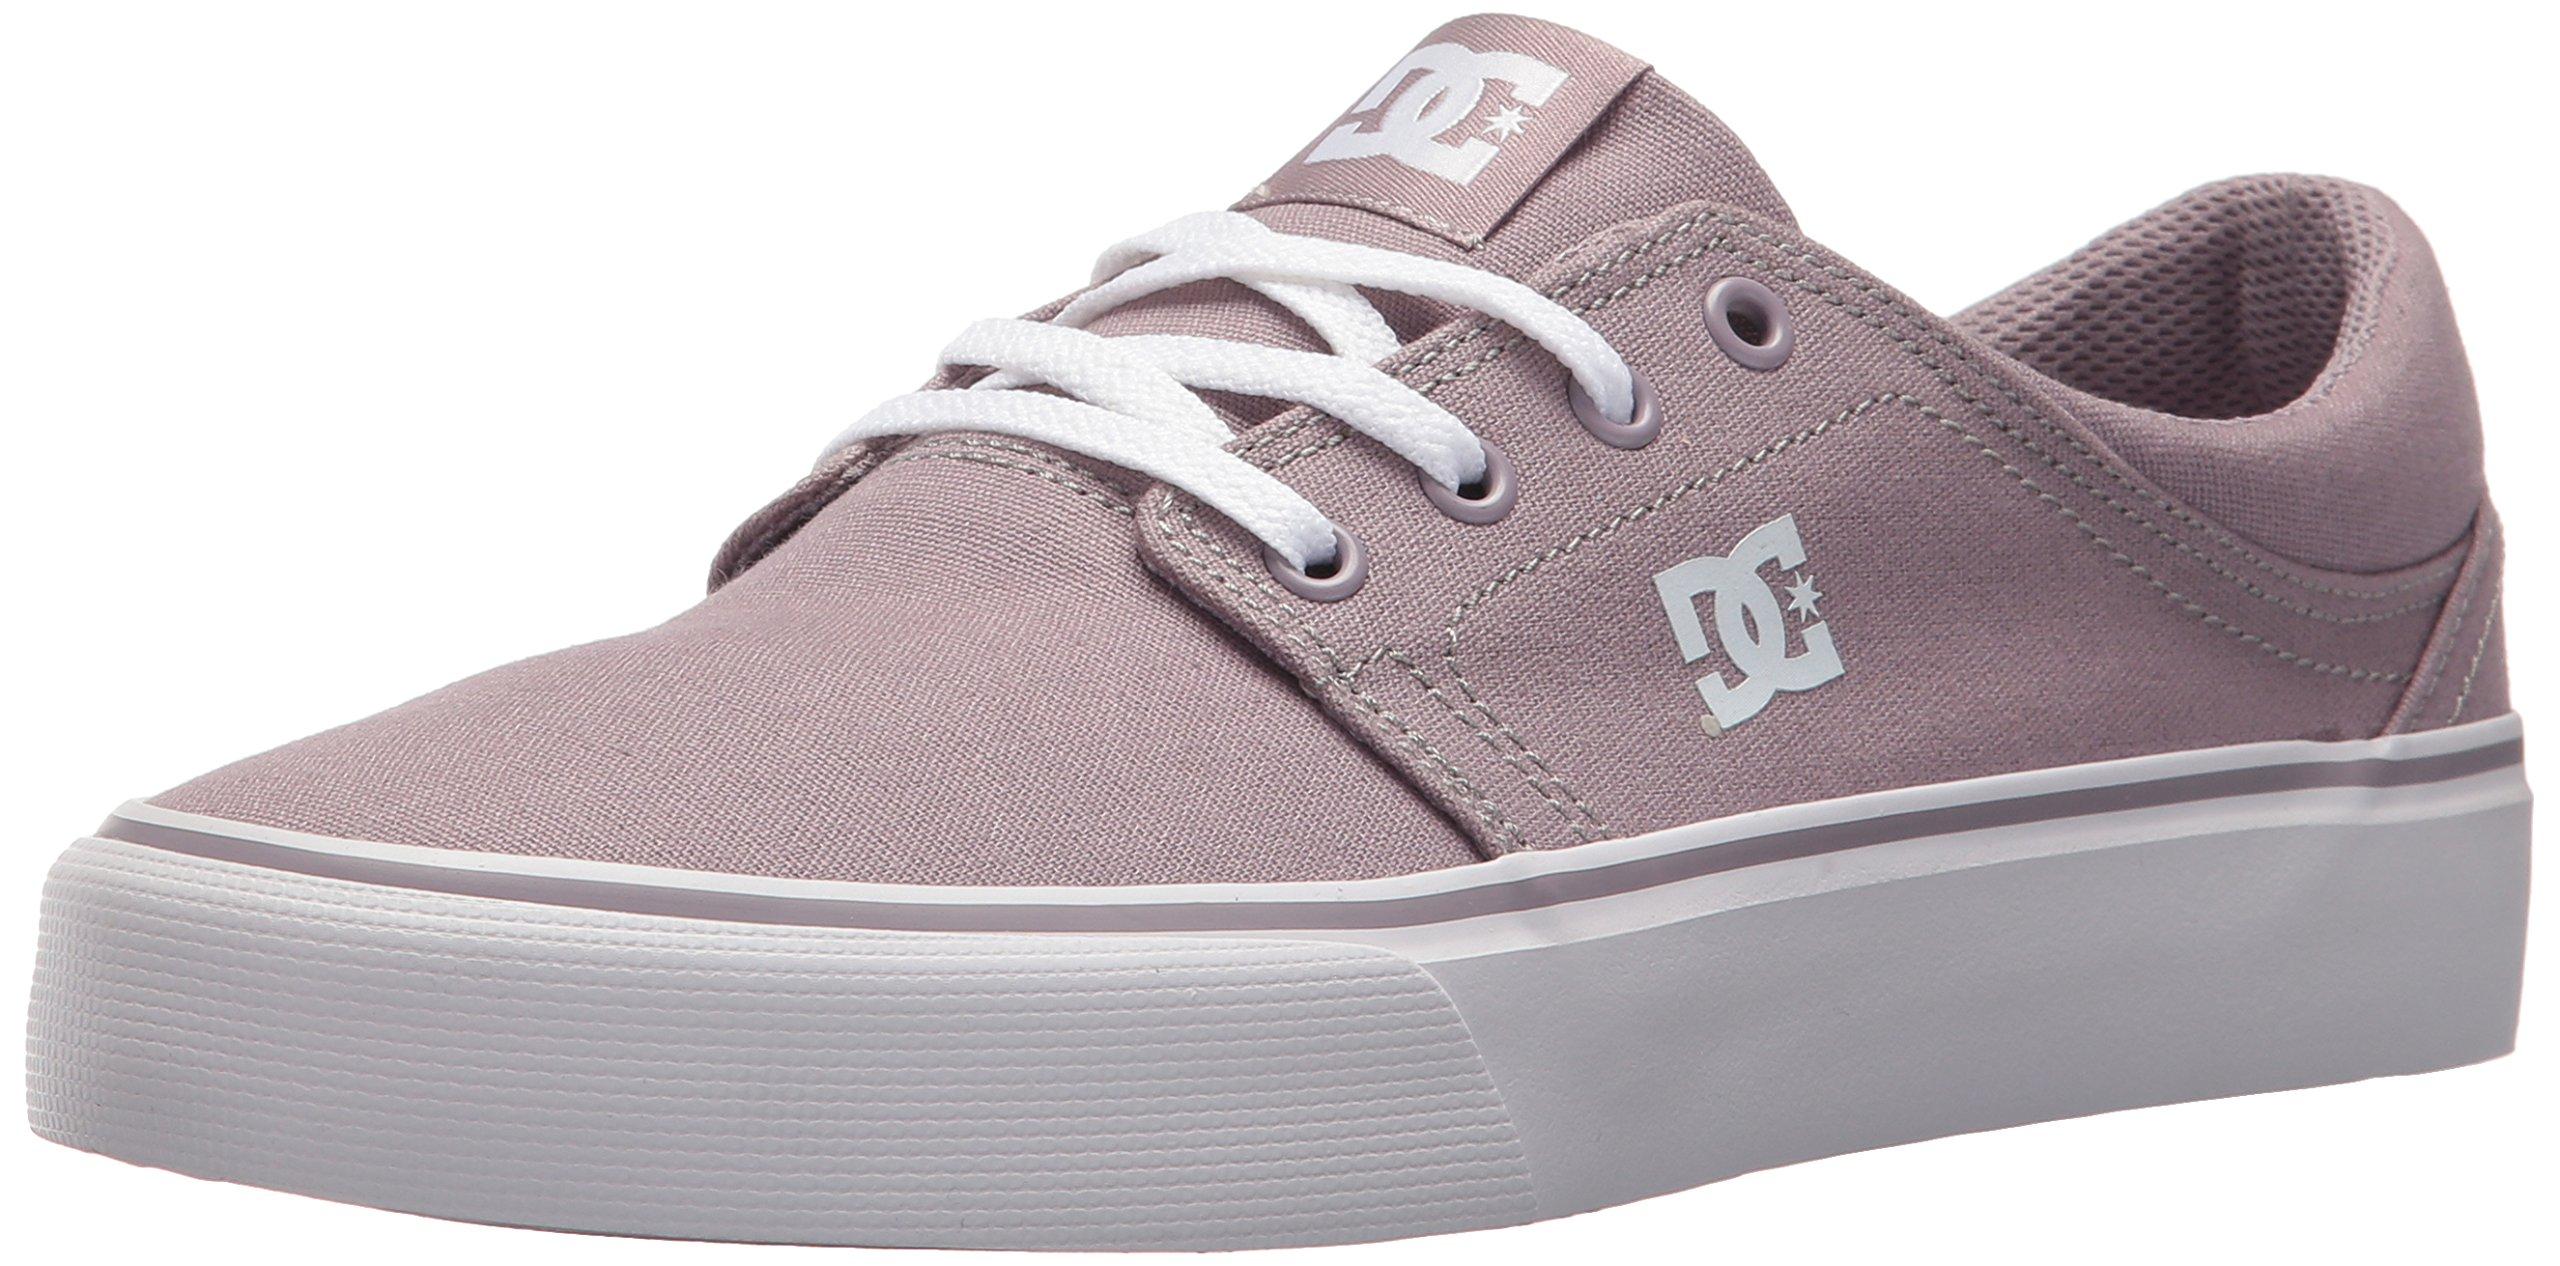 DC Women's Trase TX Skate Shoe, Purple Rain, 7.5 B US